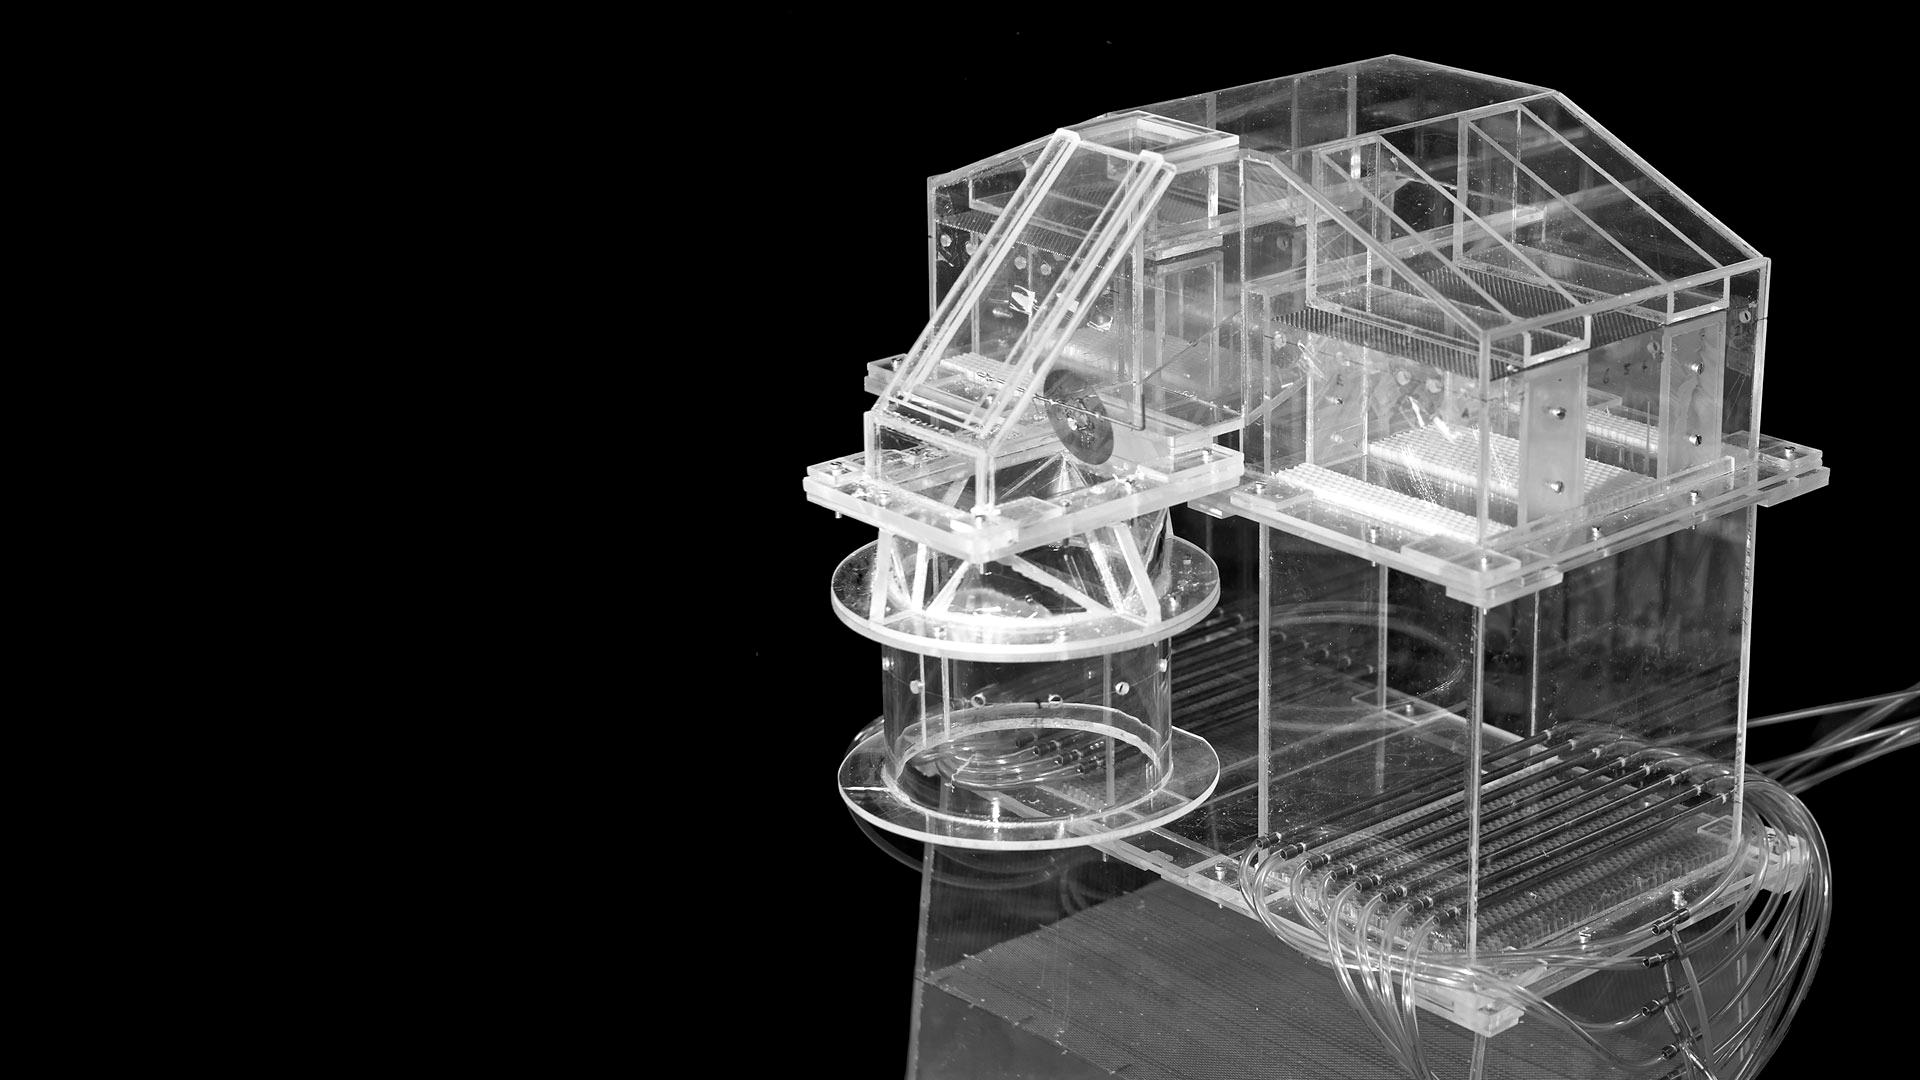 Modell eines Wärmetauschers zur Strömungsoptimierung